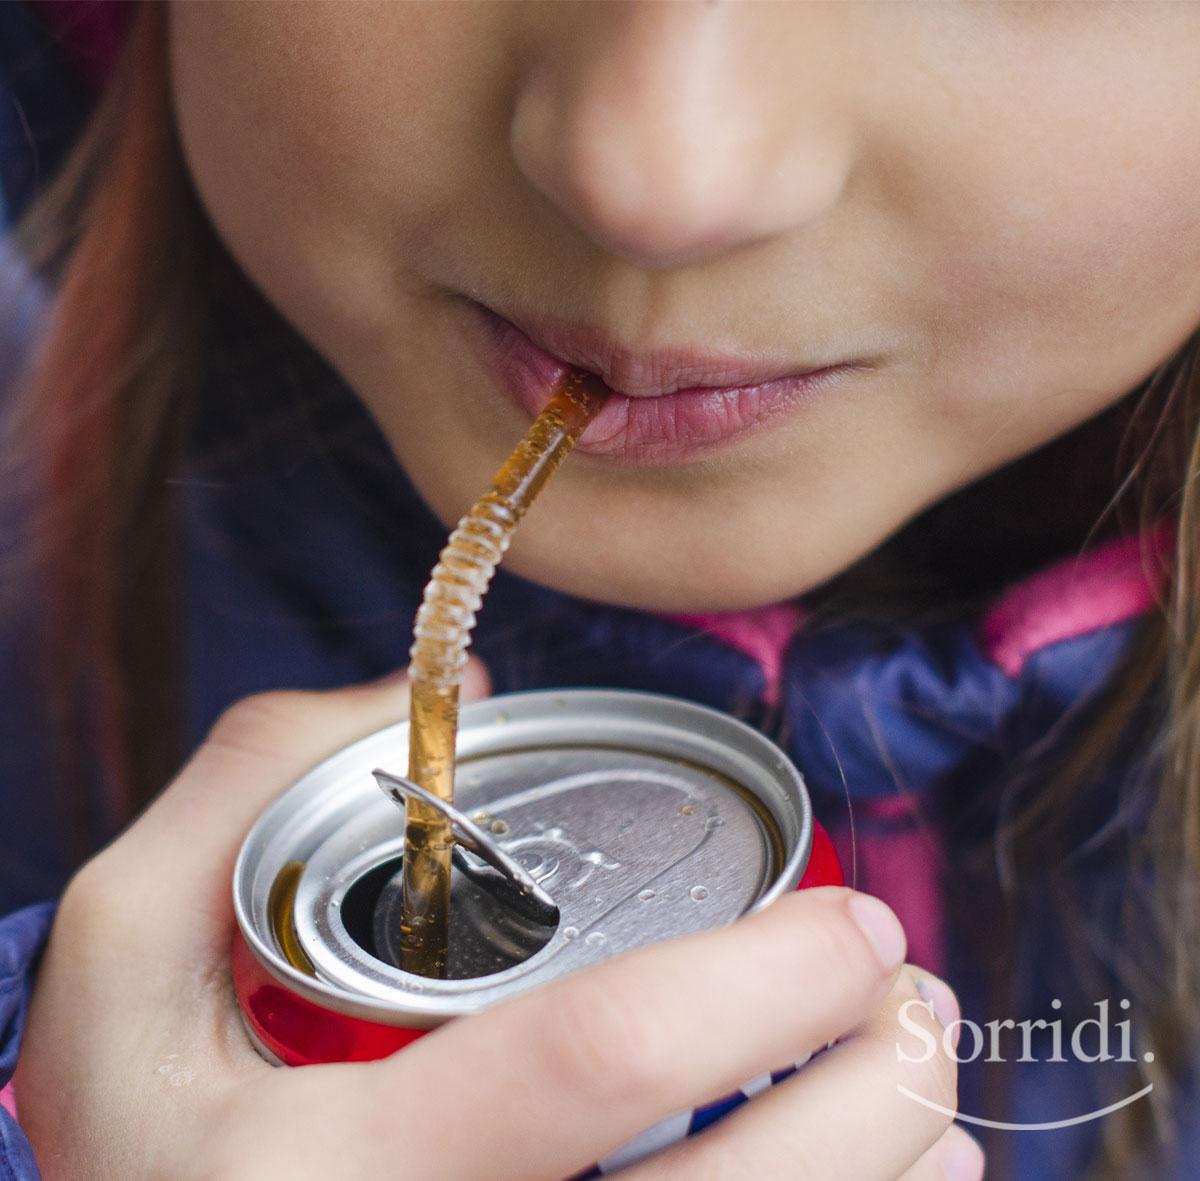 Sorridi-ch-magazine-carie-nei-bambini-e-bevande-gassate